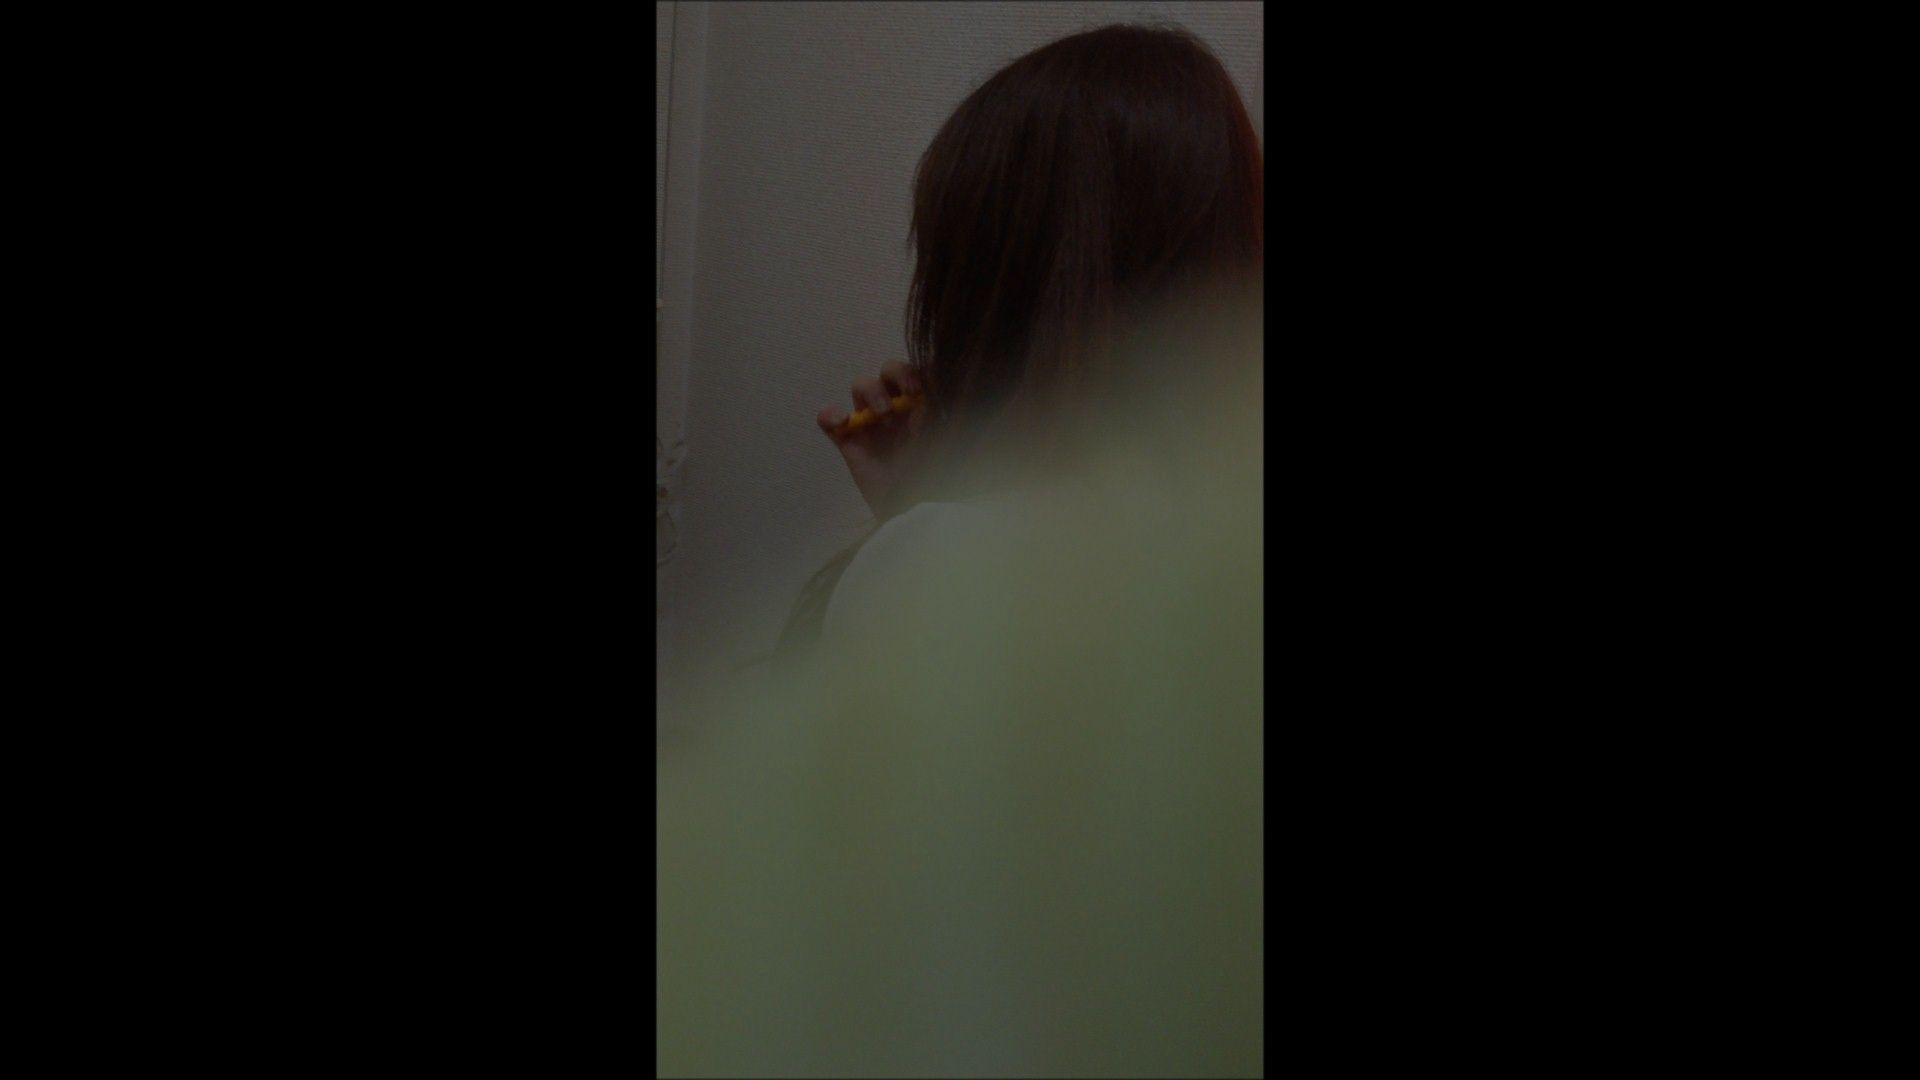 08(8日目)メイク中の彼女の顔を撮りました! マンコ特集 | オマンコ丸見え  59連発 44